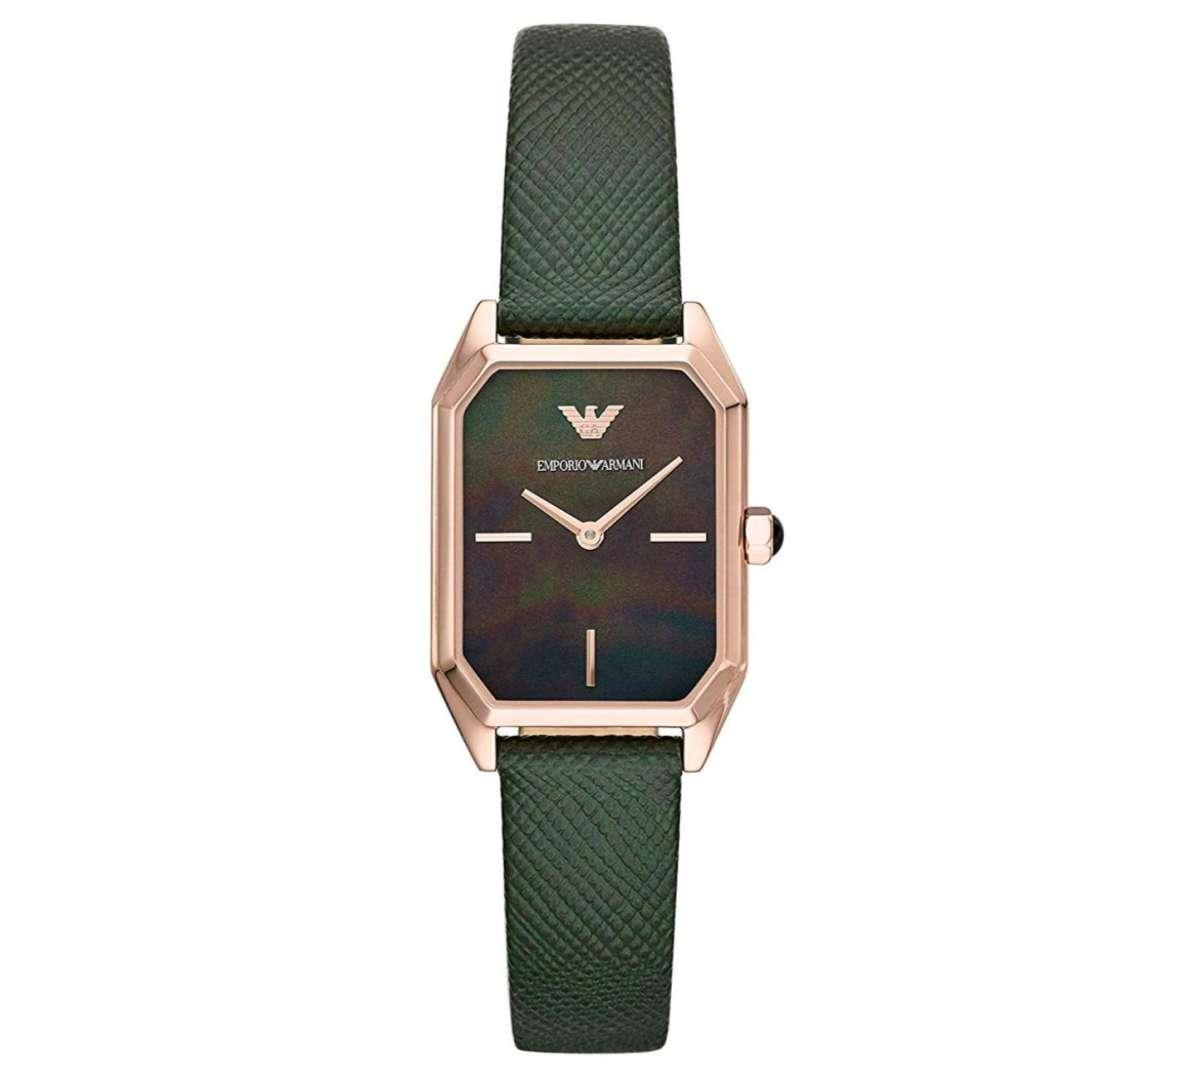 שעון יד אנלוגי לאישה emporio armani ar11149 אמפוריו ארמני